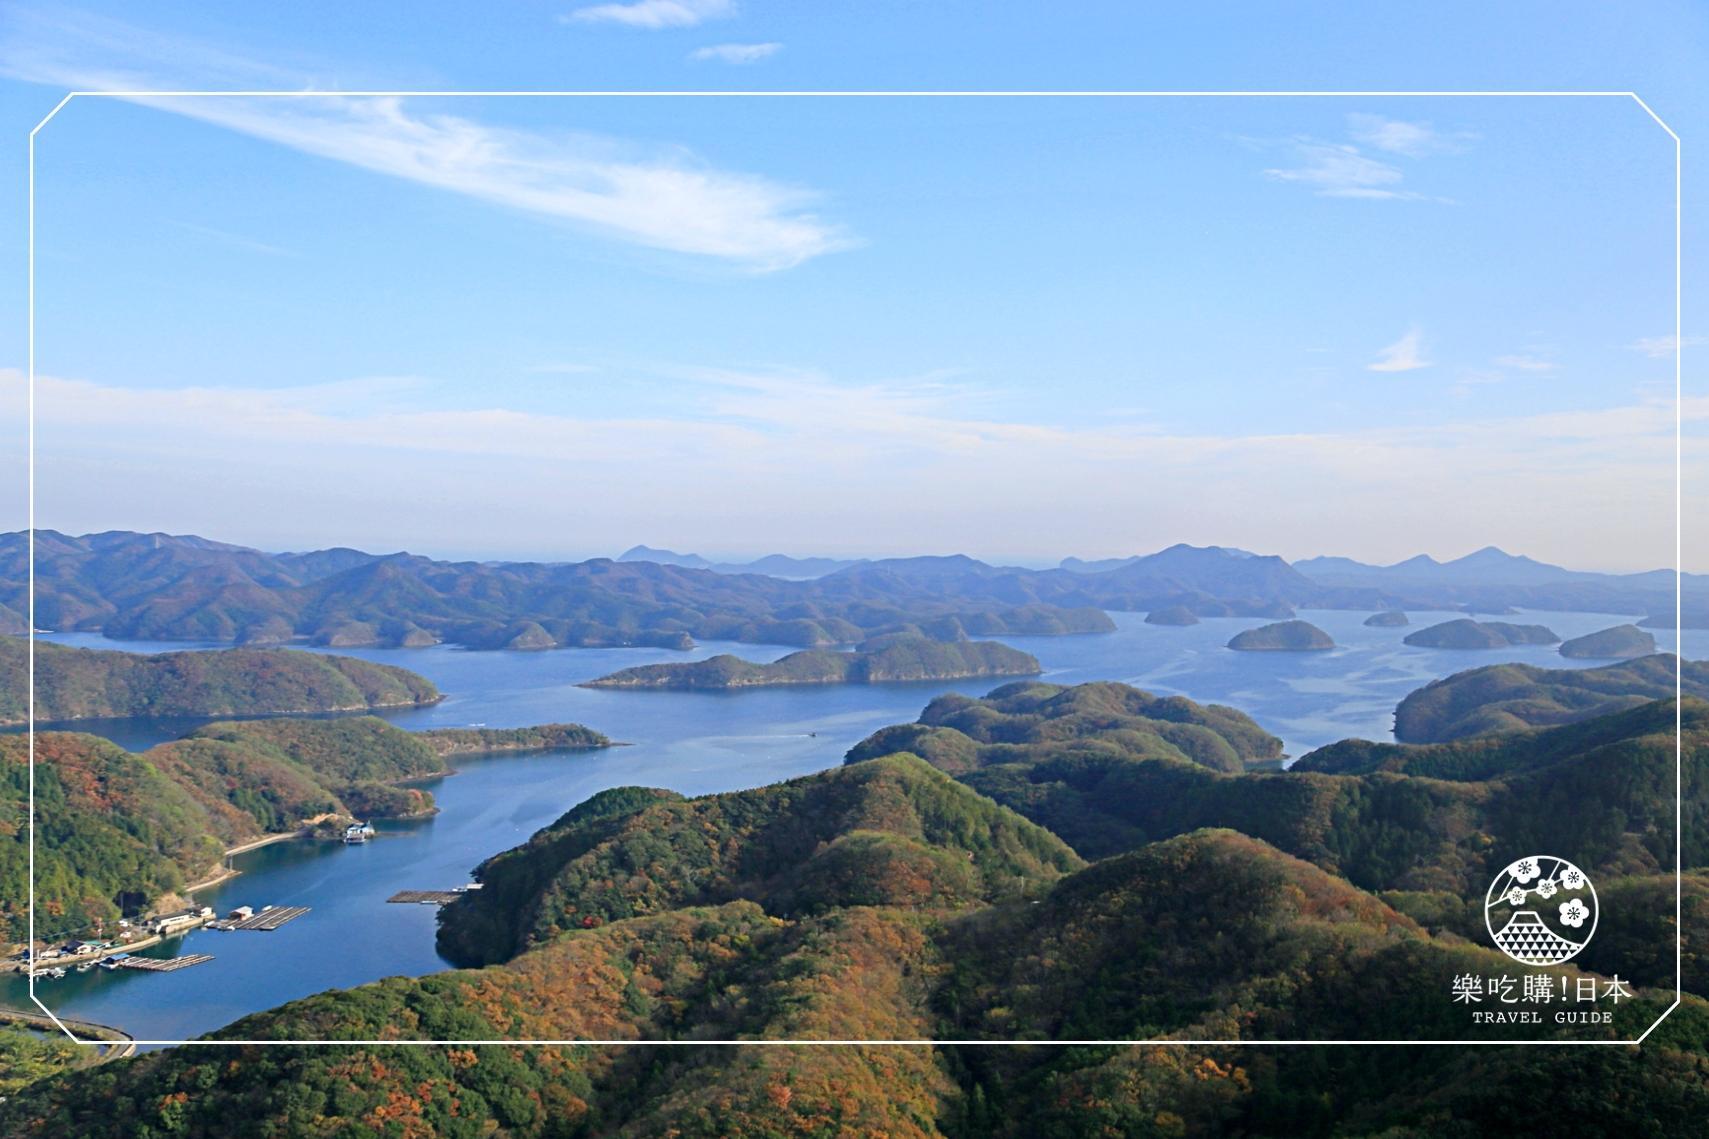 推薦嚮往蔚藍海景的你:長崎「對馬島」周邊景點盤點,360度海灣絕景、穴子鰻魚必吃!-0